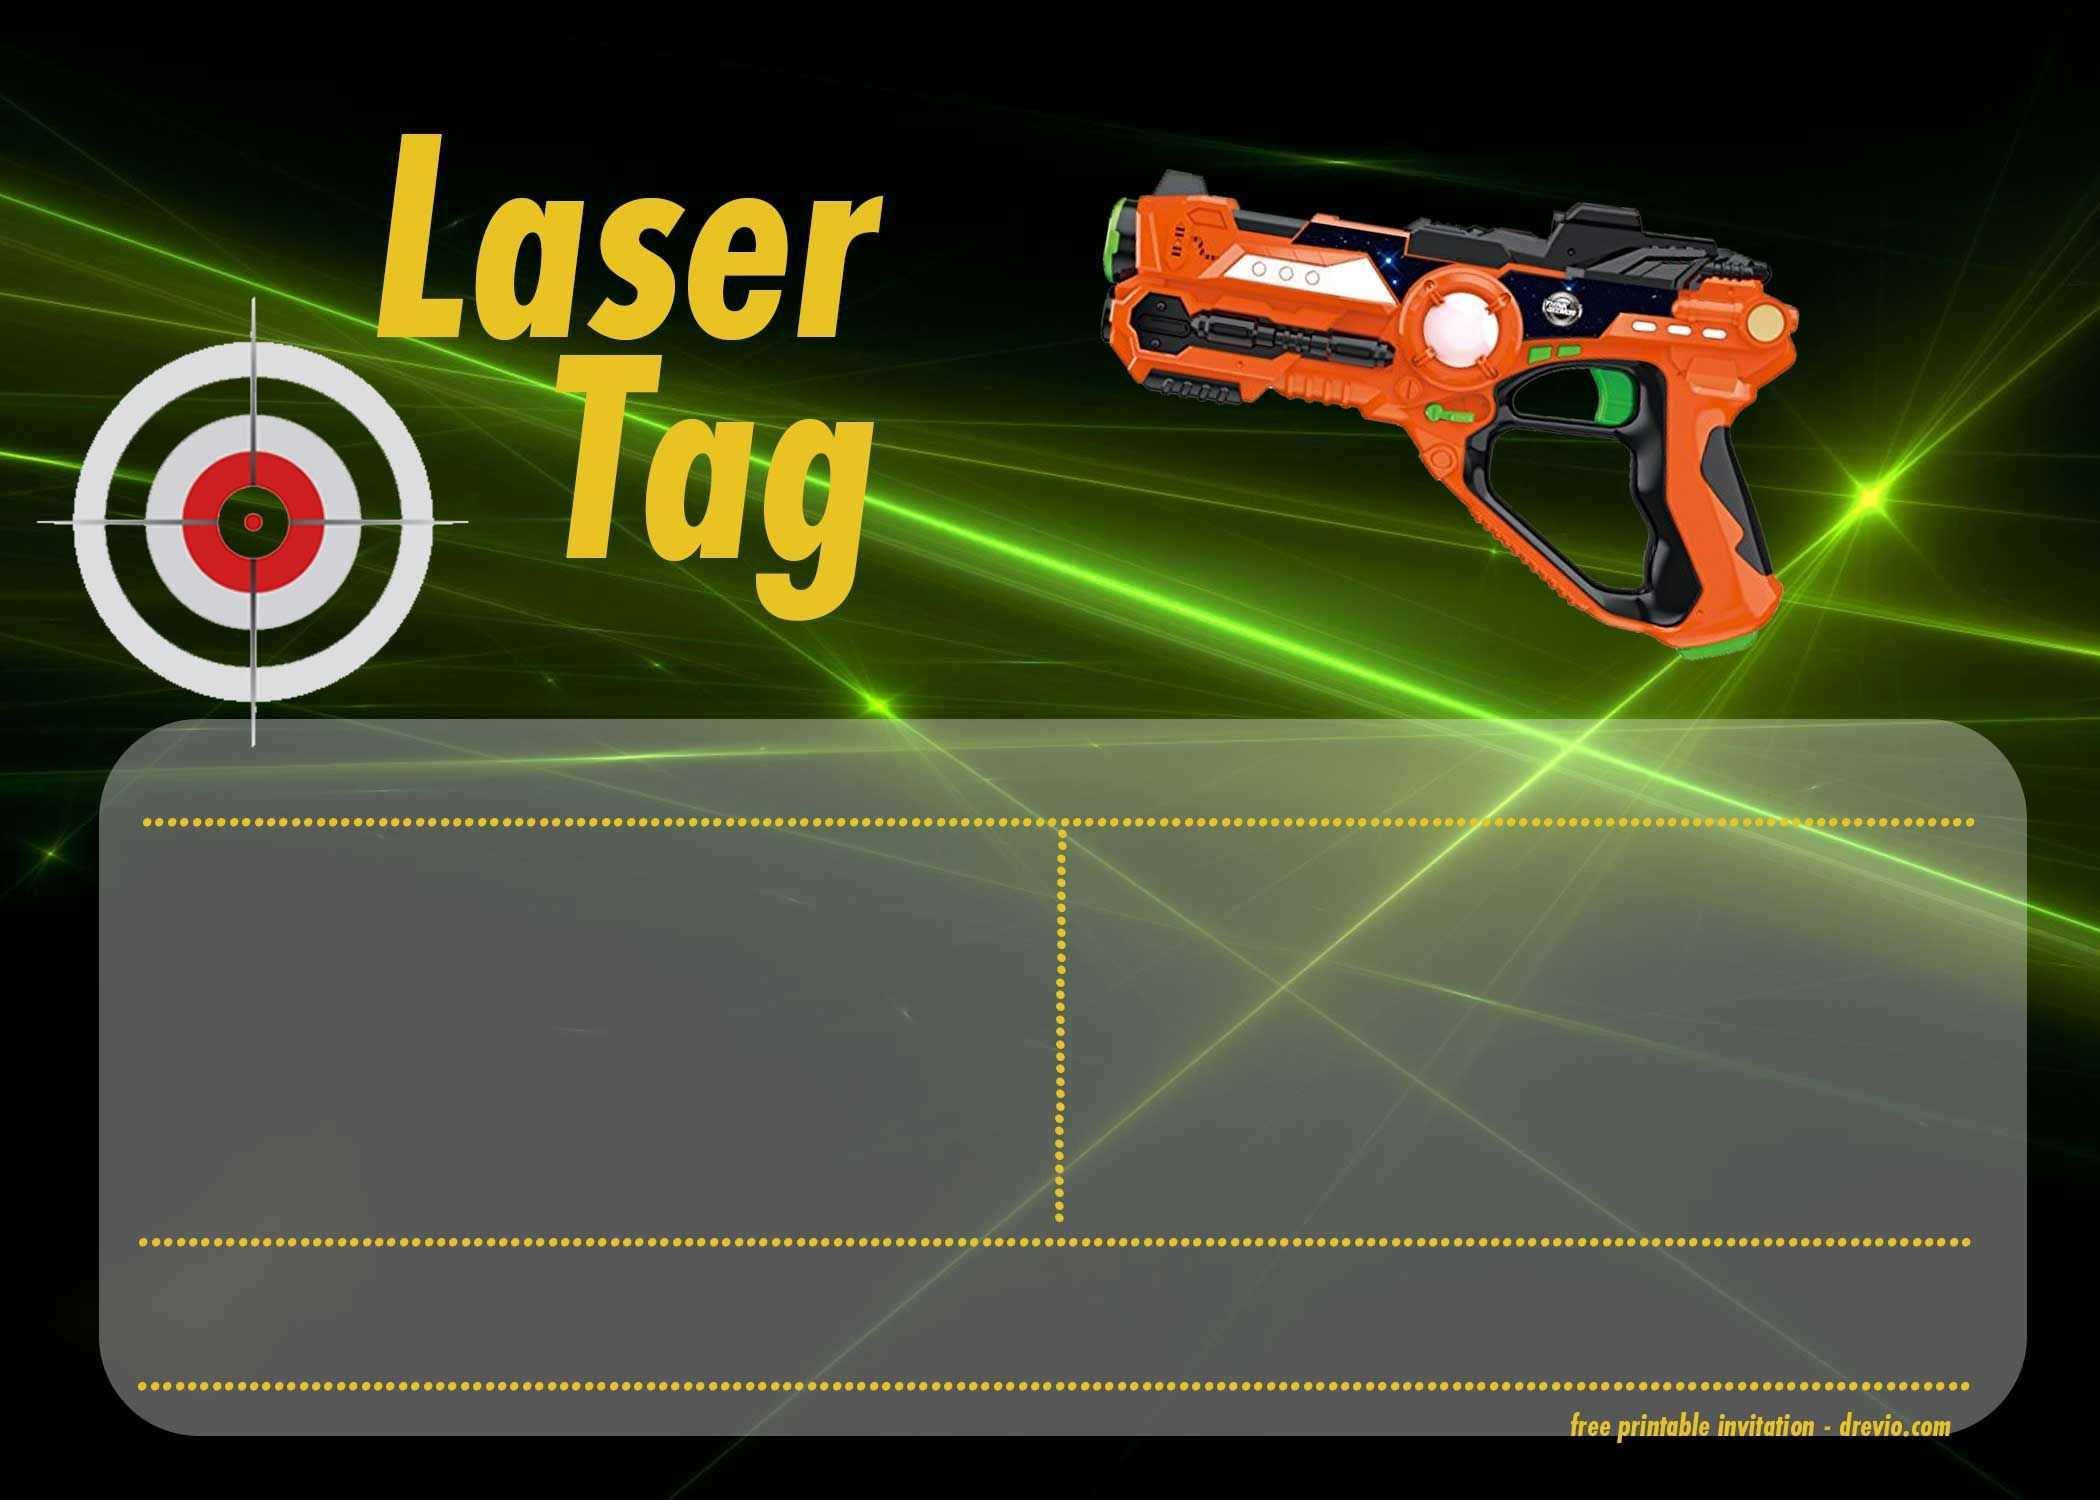 57 Format Birthday Invitation Template Laser Tag With Stunning Design by Birthday Invitation Template Laser Tag